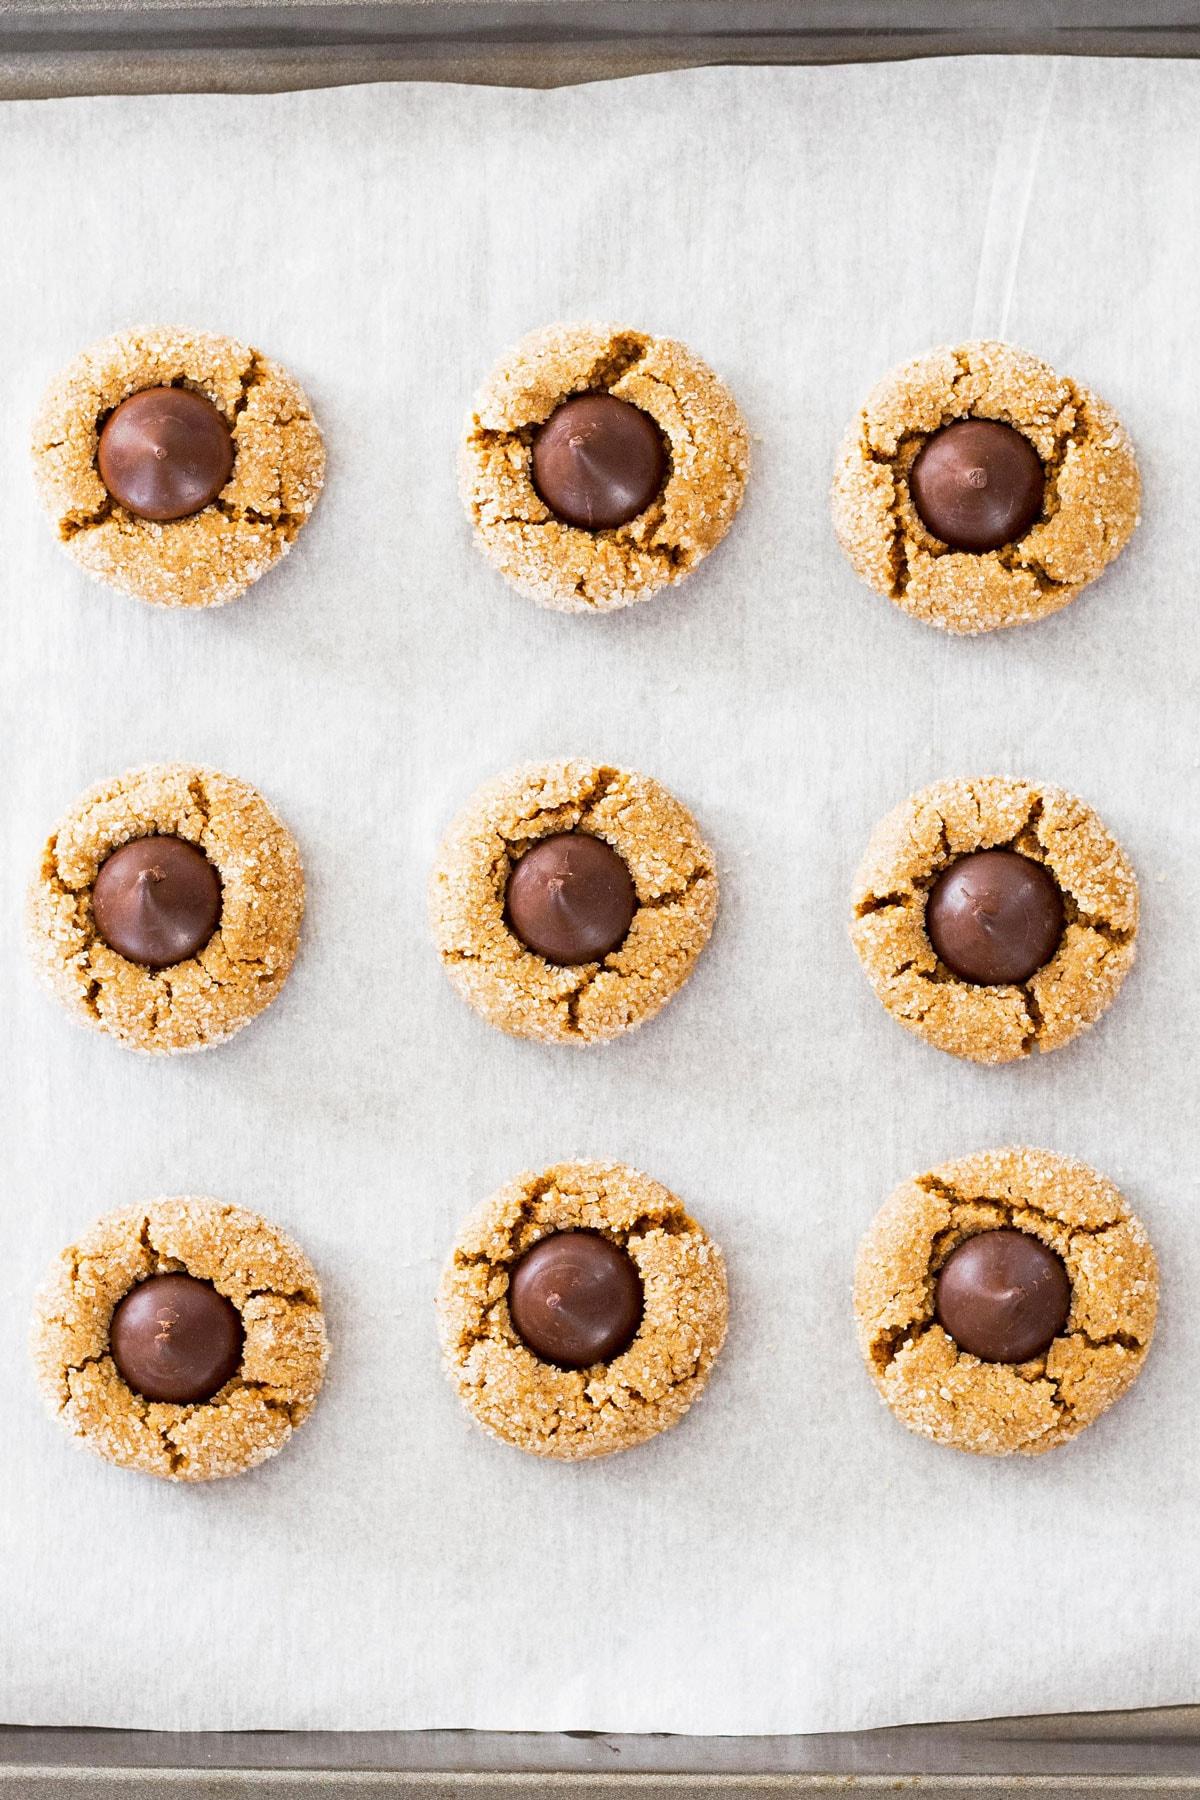 Flourless Peanut Butter Cookies on Baking Sheet